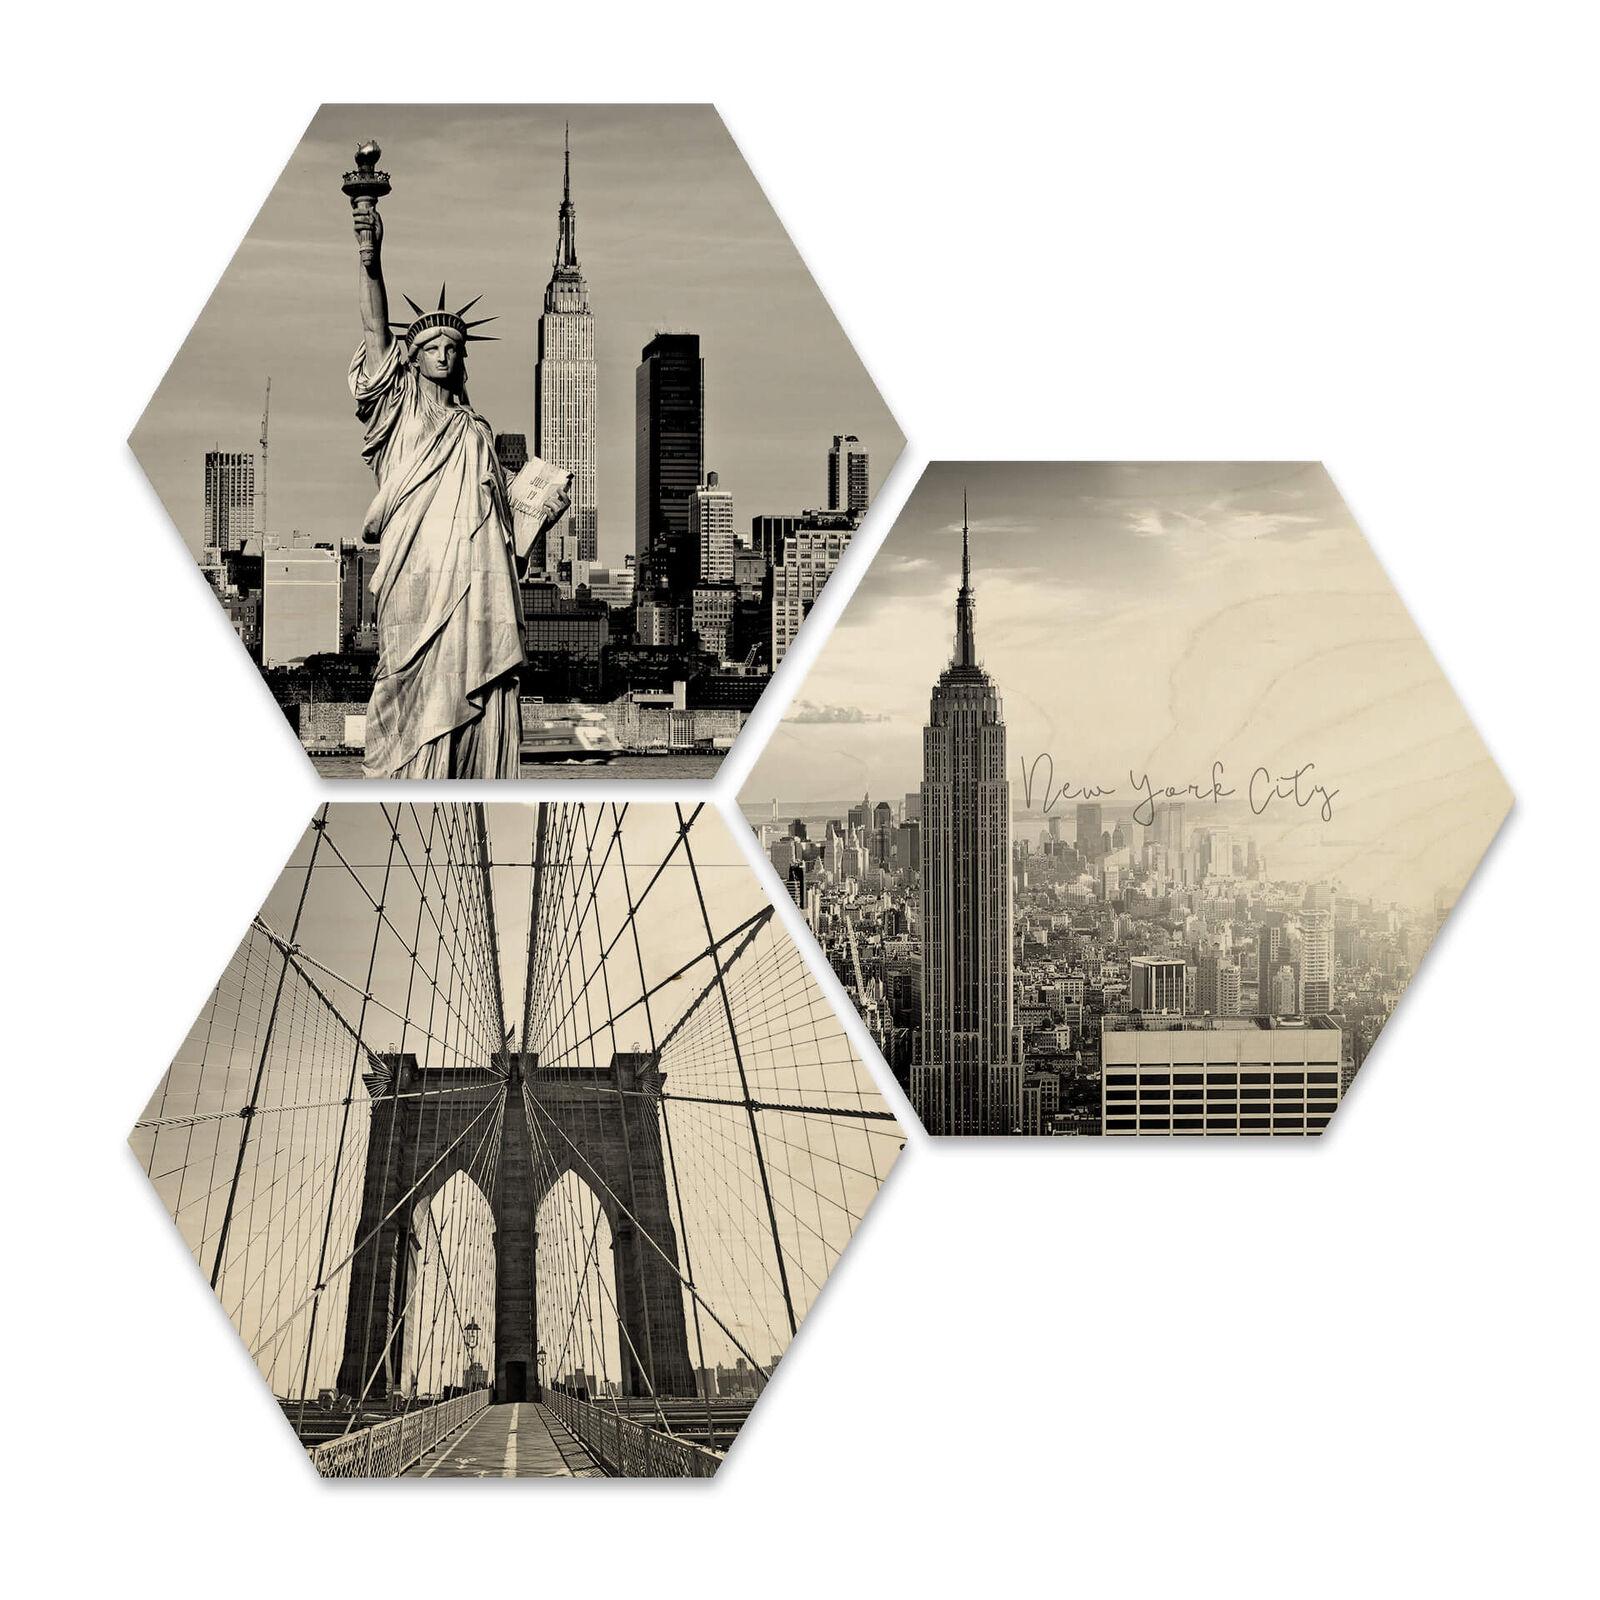 Hexagon-Bois Le bouleau-Placage-Impression of New York City (3er Set) la fresque